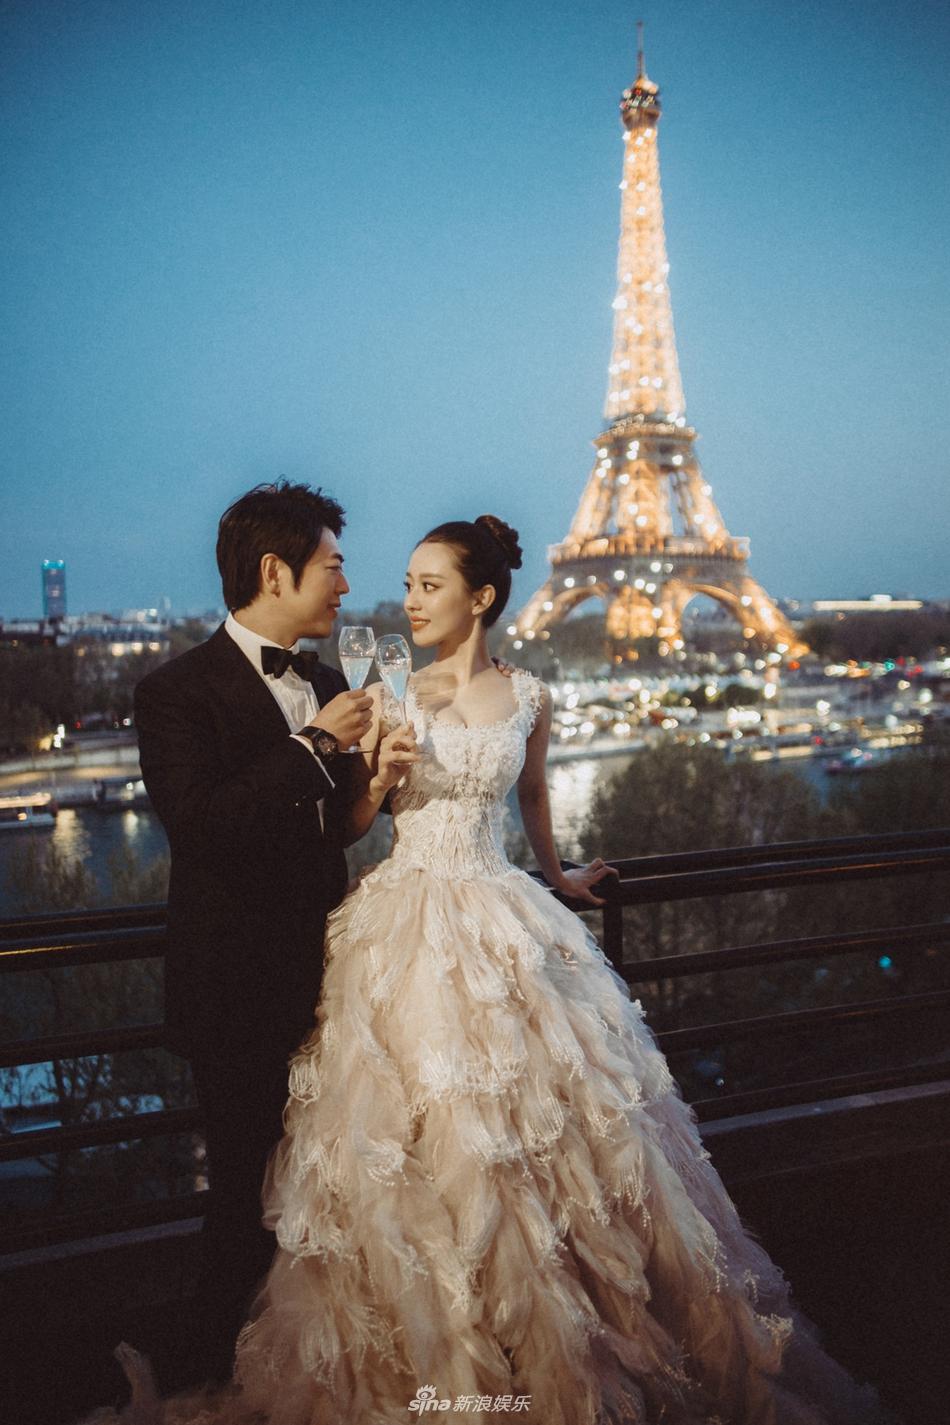 郎朗与24岁混血妻子婚纱照曝光 巴黎铁塔下甜蜜依偎